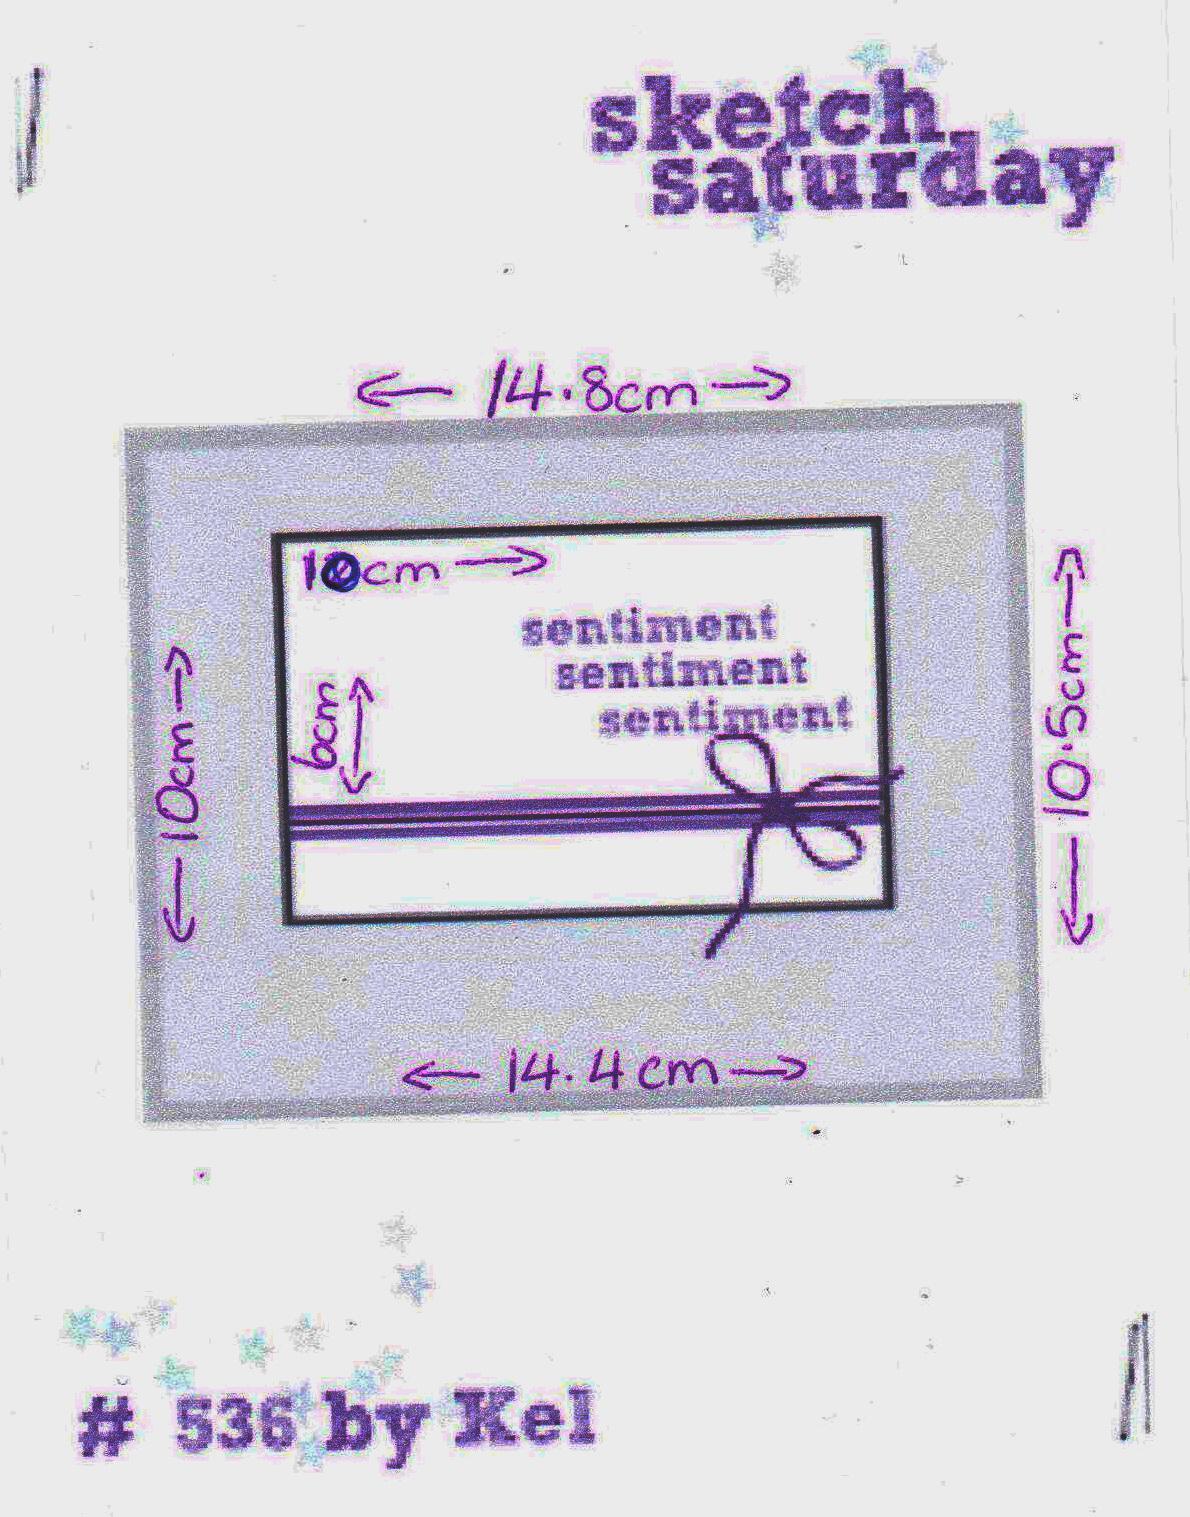 Sketch Saturday 536